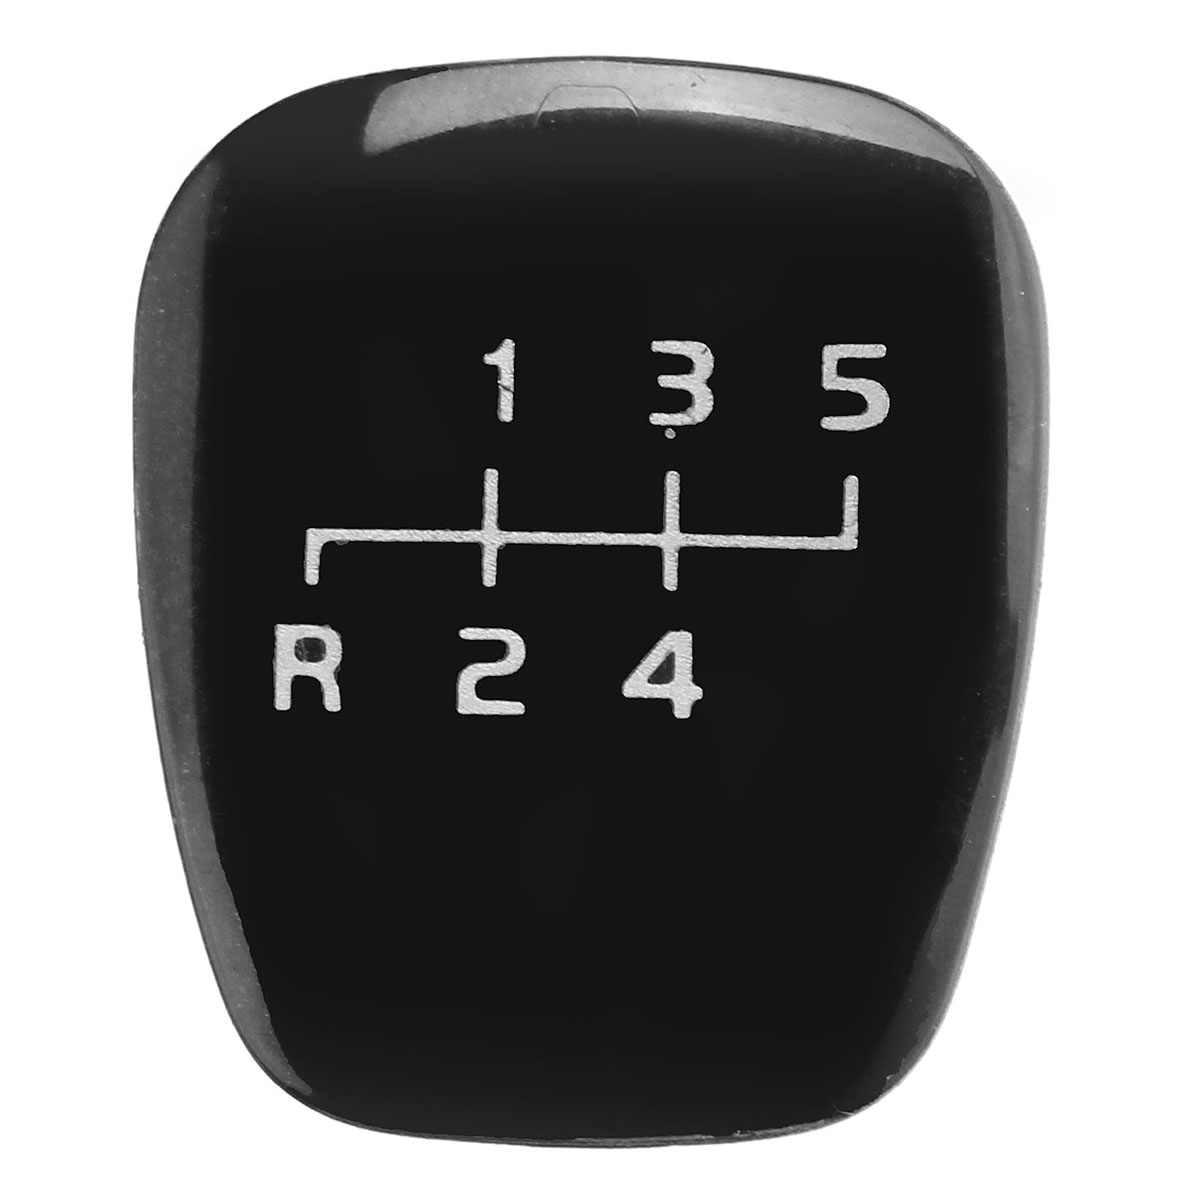 Cubierta plástica de la perilla del cambio del engranaje de 5 velocidades para MERCEDES W202 C W208 CLK W210 E accesorios del coche